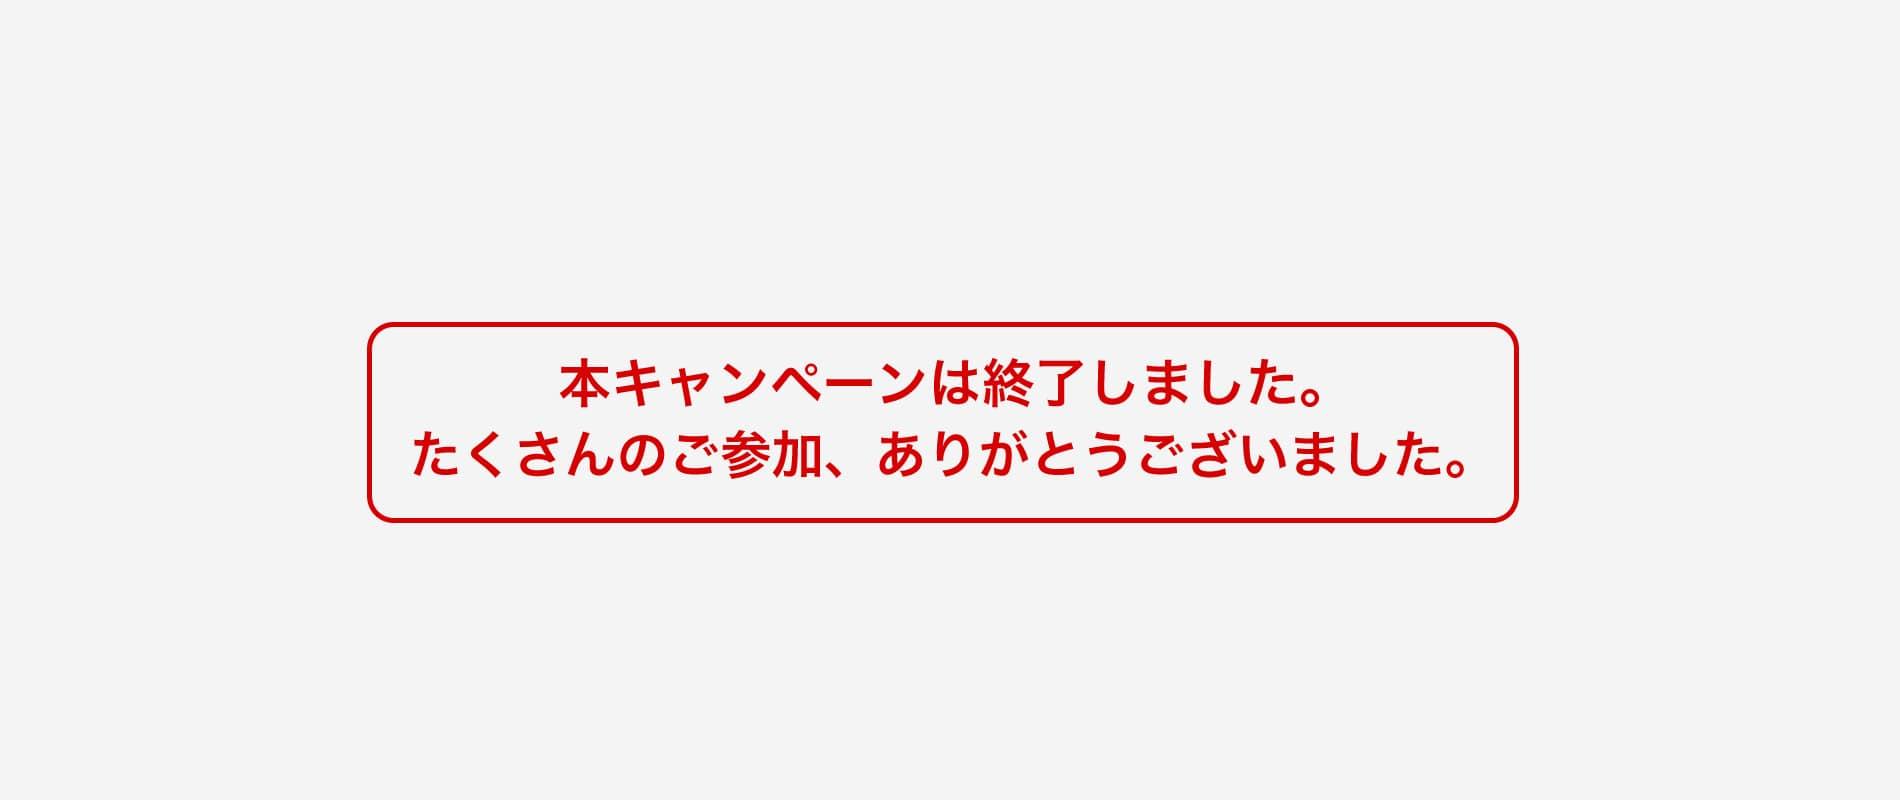 メキシコペソ/円1周年記念キャンペーン